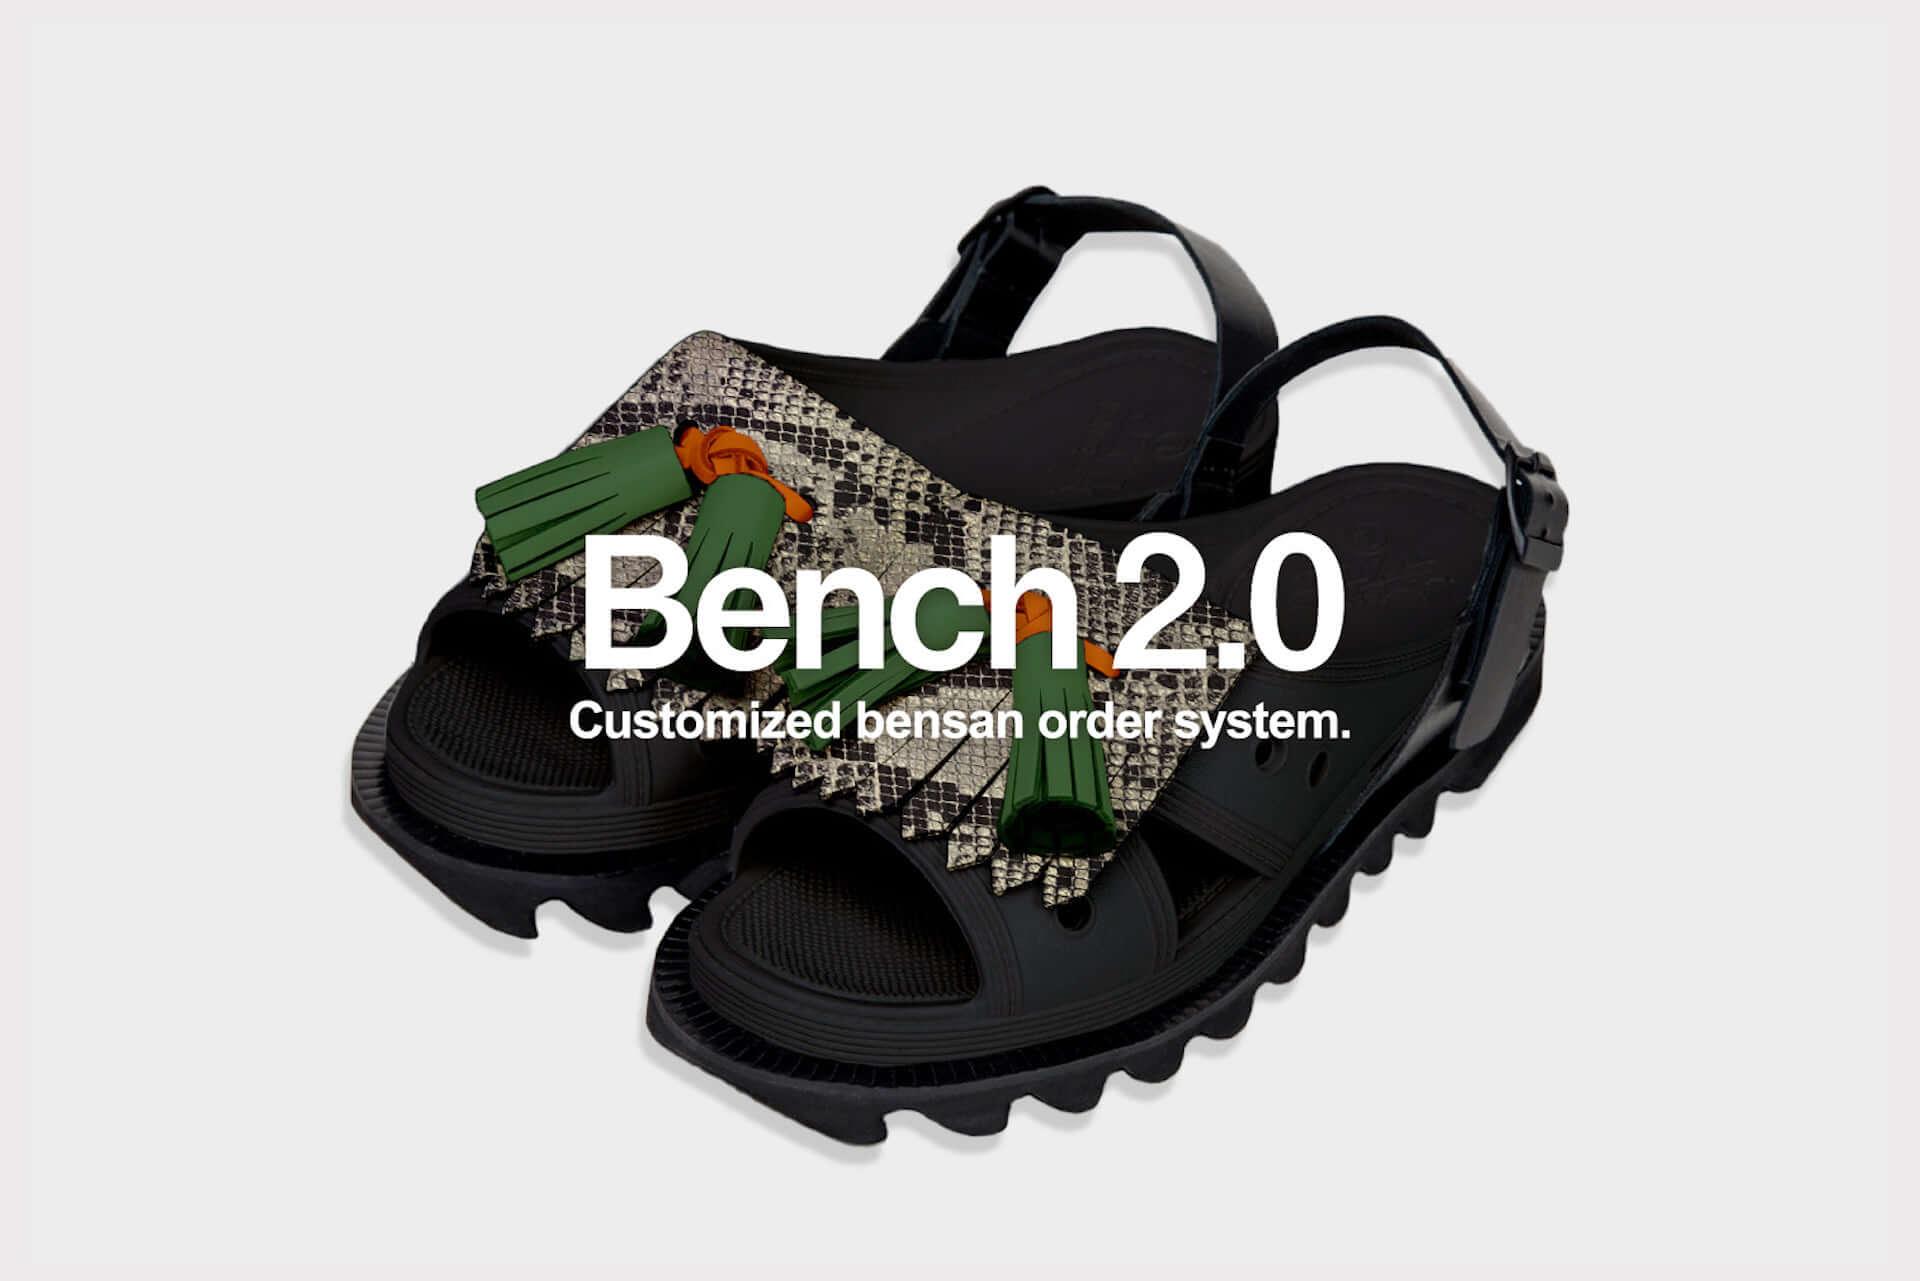 便所サンダルで話題の「bench」のカスタムイベント<Bench2.0>がオンラインでスタート!デザインは約15万通り life200728_bench-customize_8-1920x1281